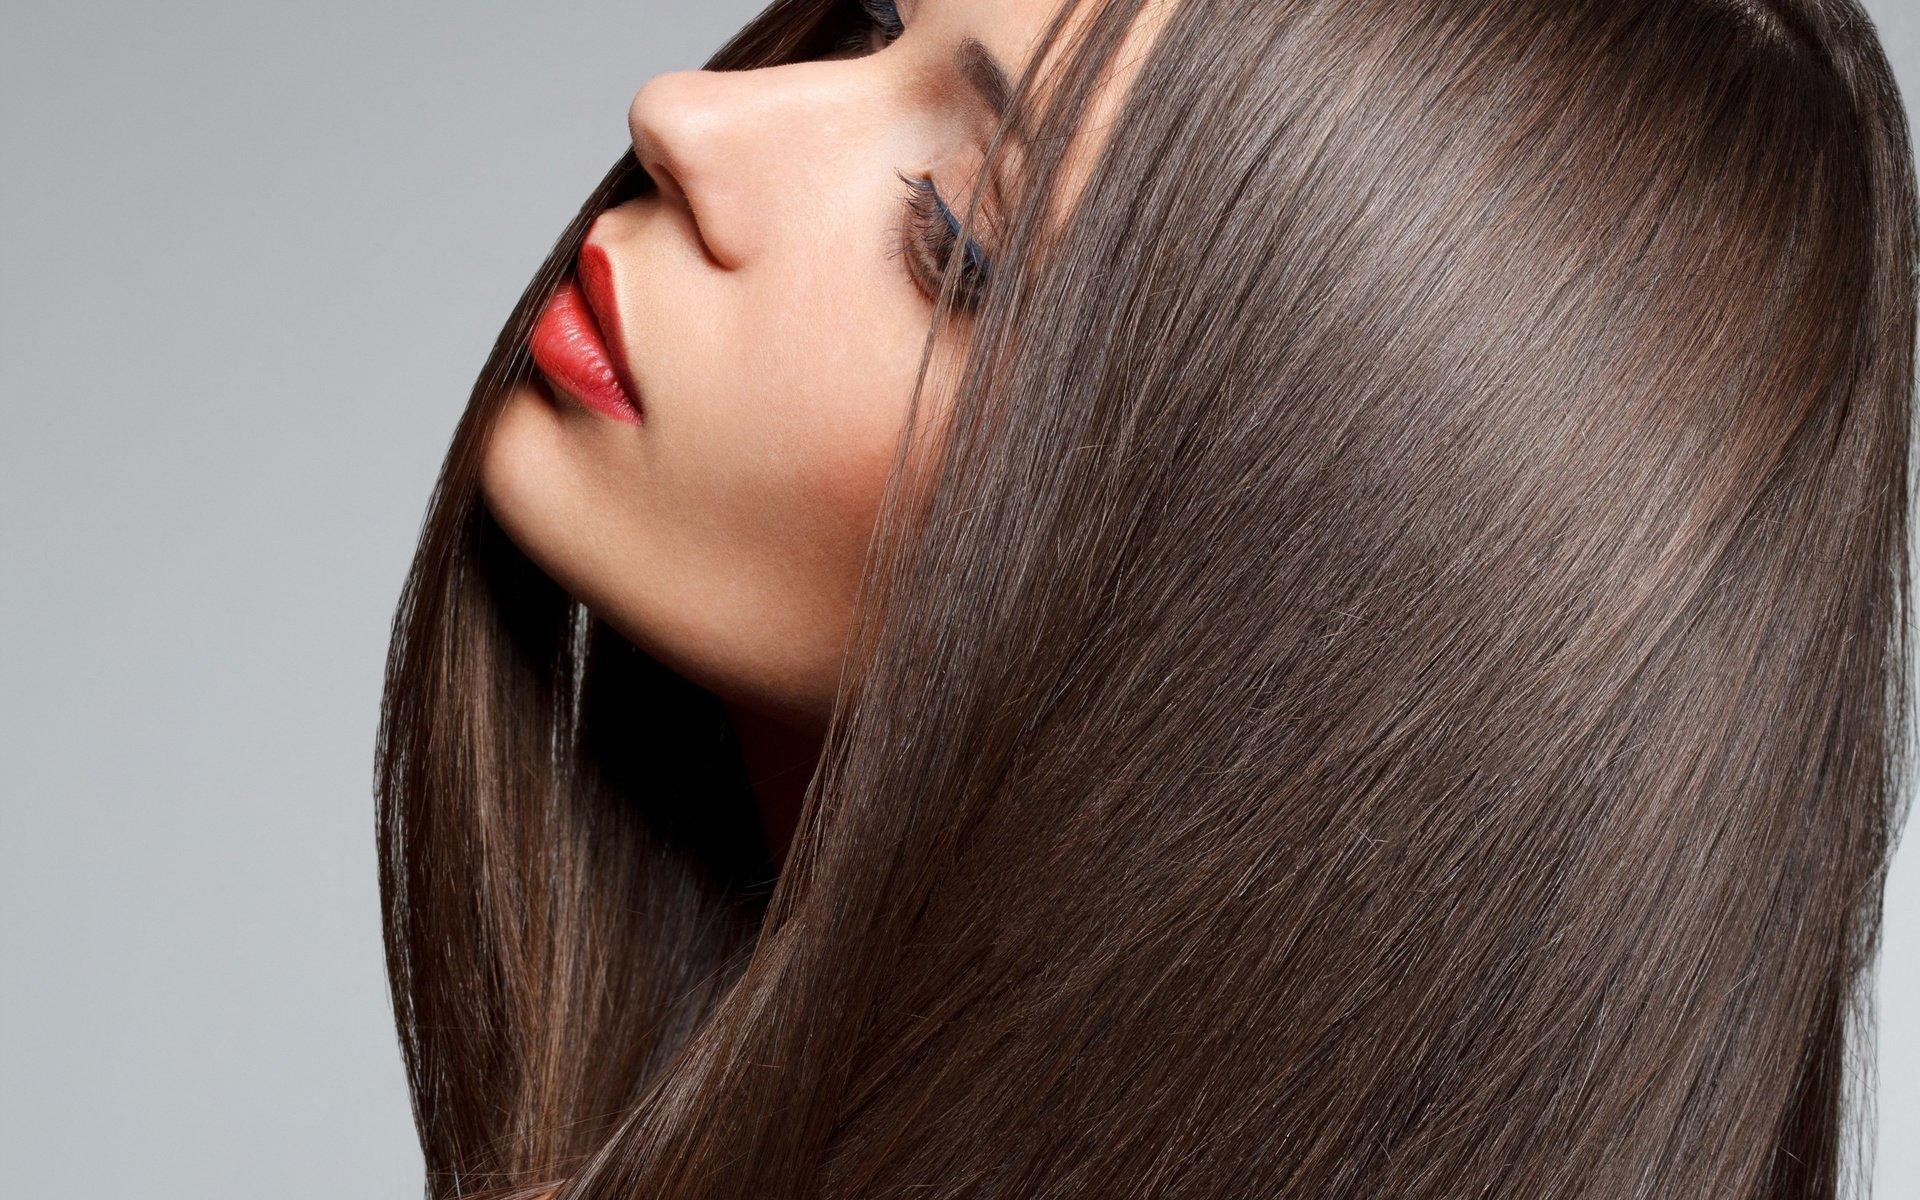 шлюза гладкие длинные волосы картинки одно